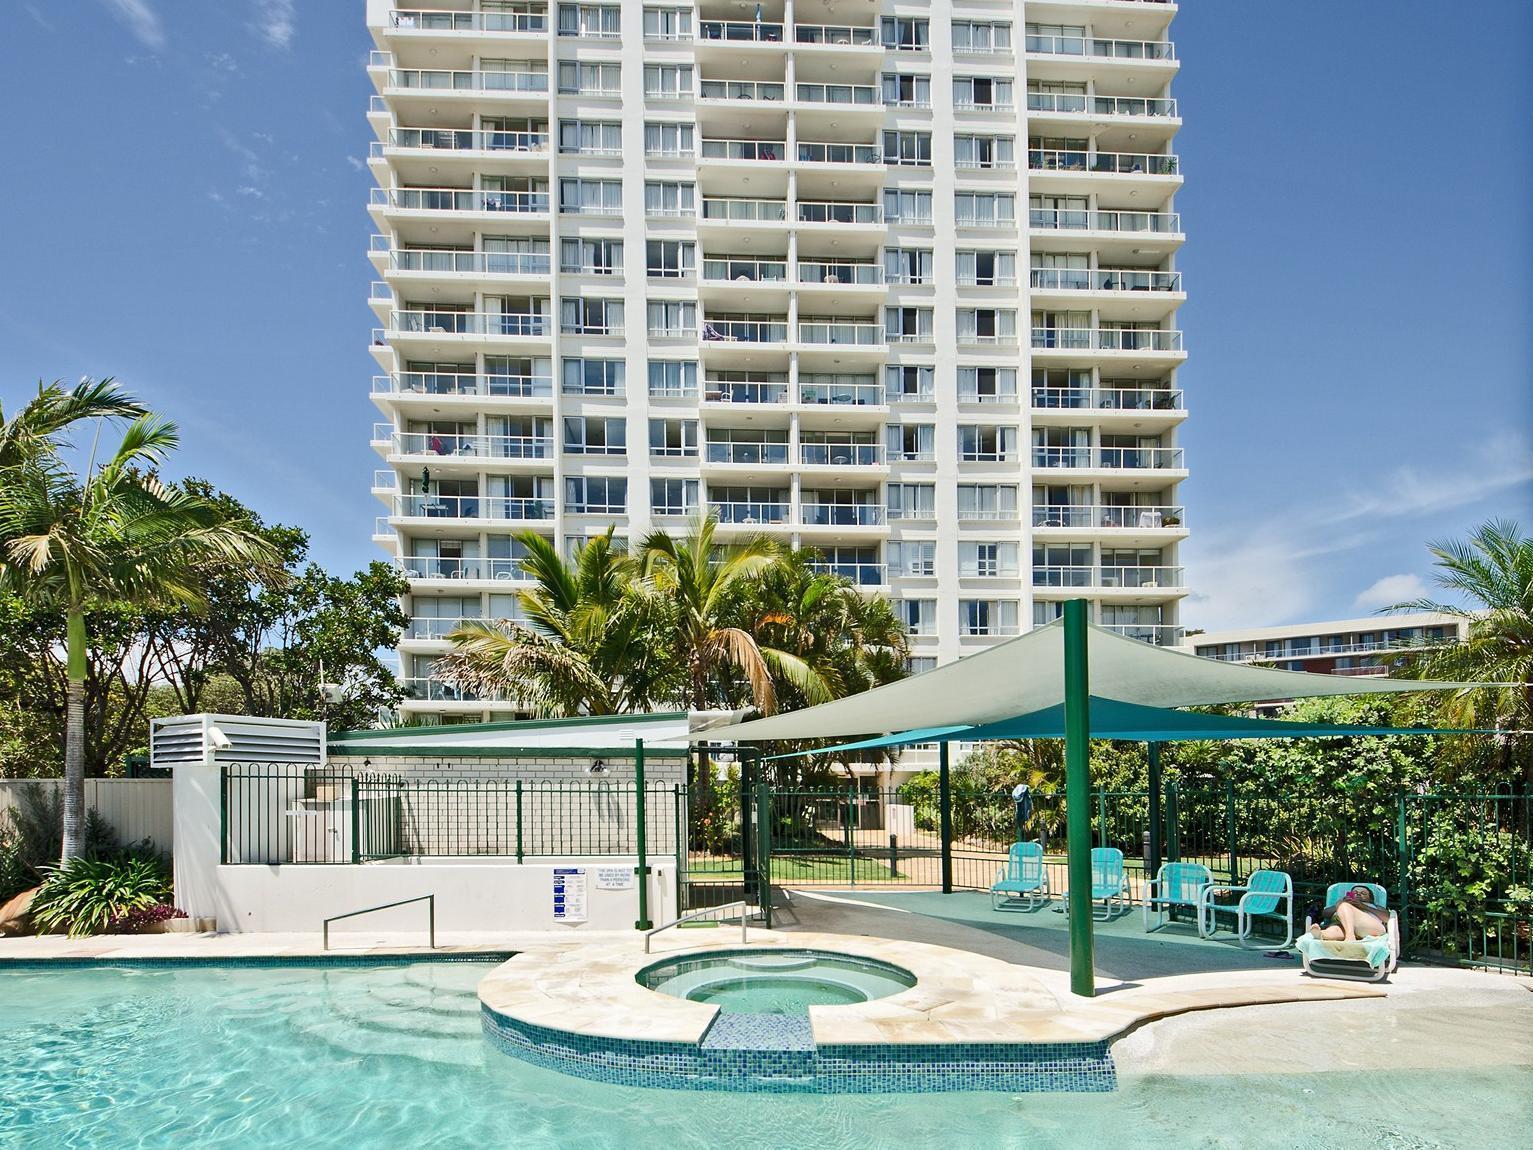 Burleigh Beach Tower - Hotell och Boende i Australien , Guldkusten